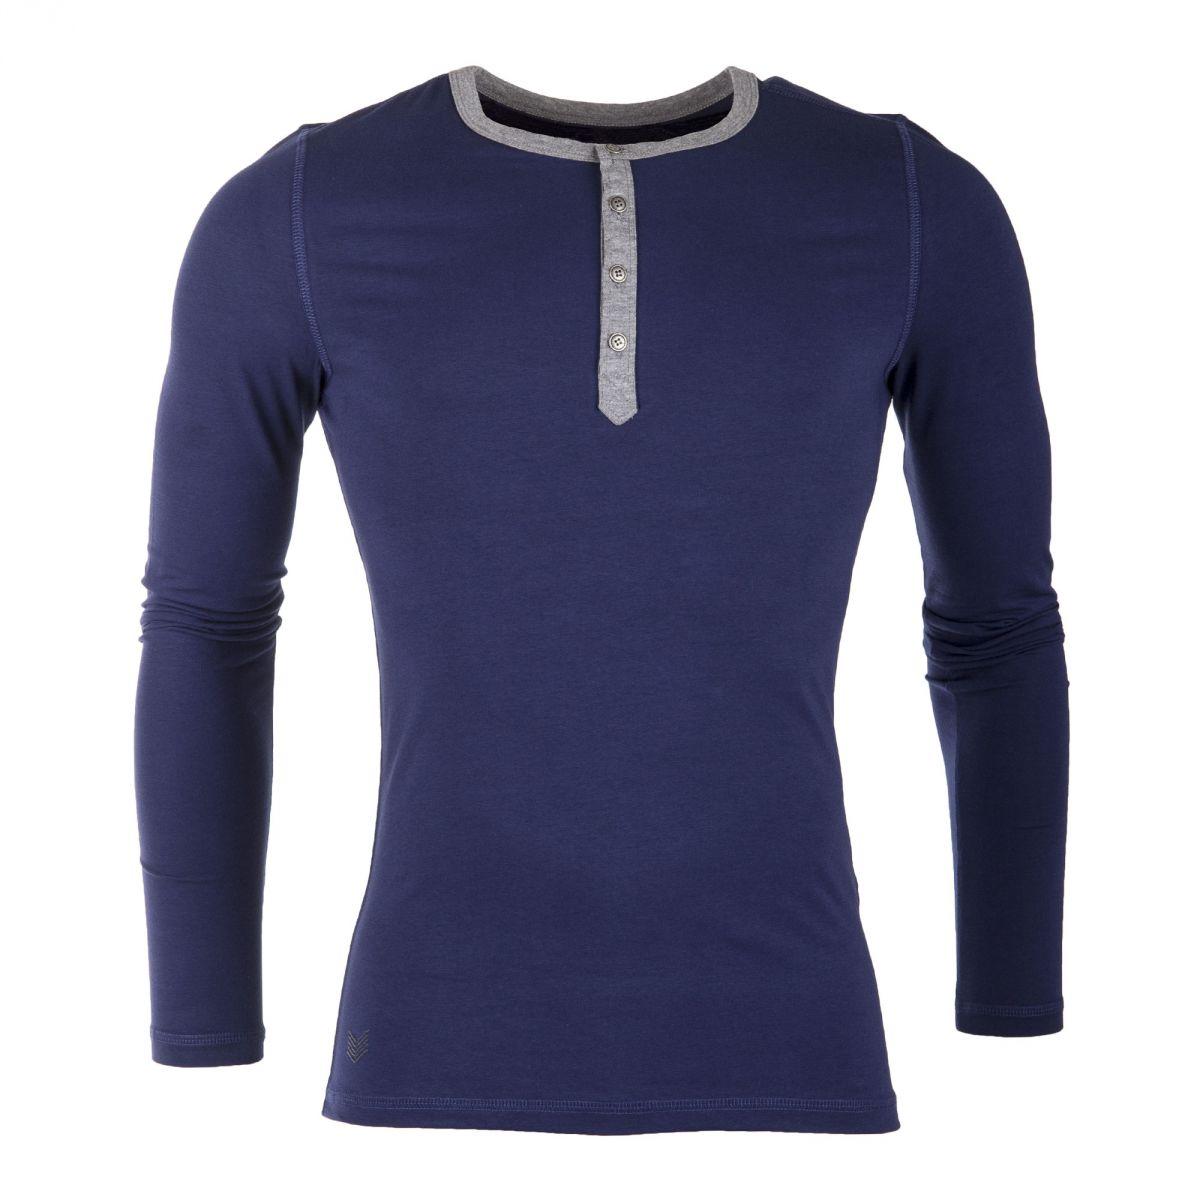 tee shirt manches longues en coton homme hbt prix d griff. Black Bedroom Furniture Sets. Home Design Ideas